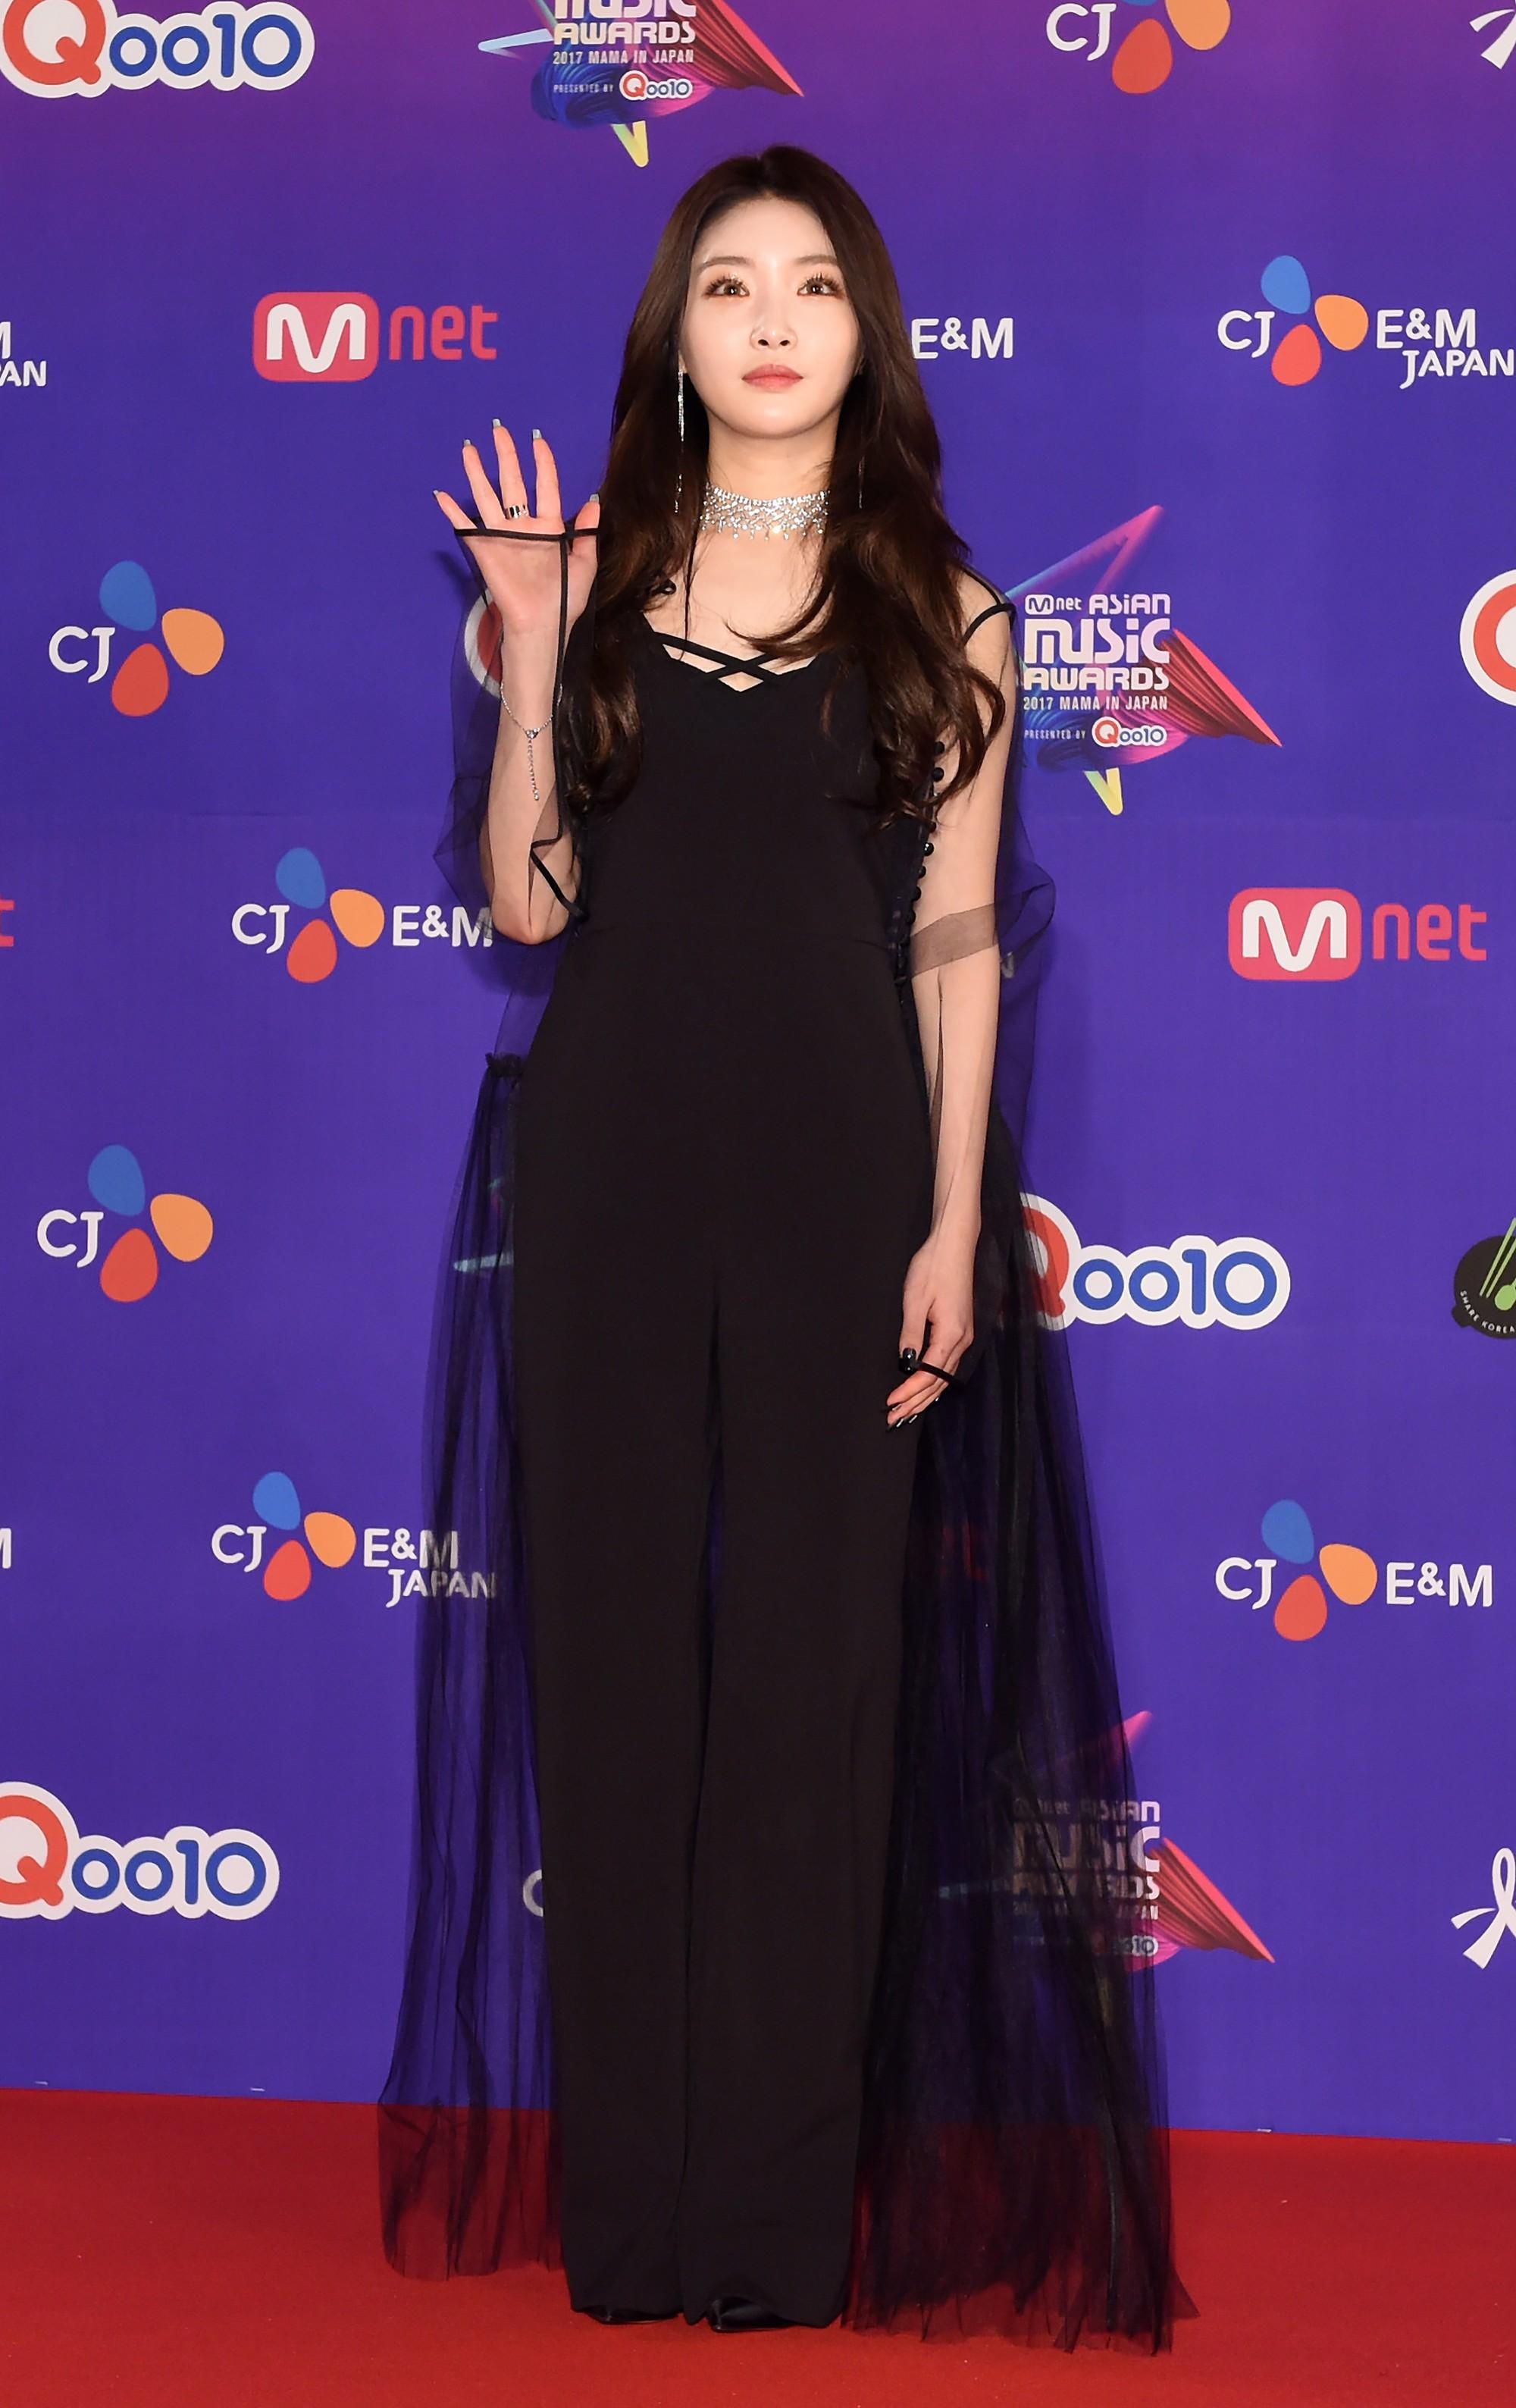 Thảm đỏ MAMA Nhật: Park Bo Gum và dàn mỹ nam Wanna One, EXO chiếm trọn sự chú ý, Kim So Hyun đọ sắc TWICE - Ảnh 36.